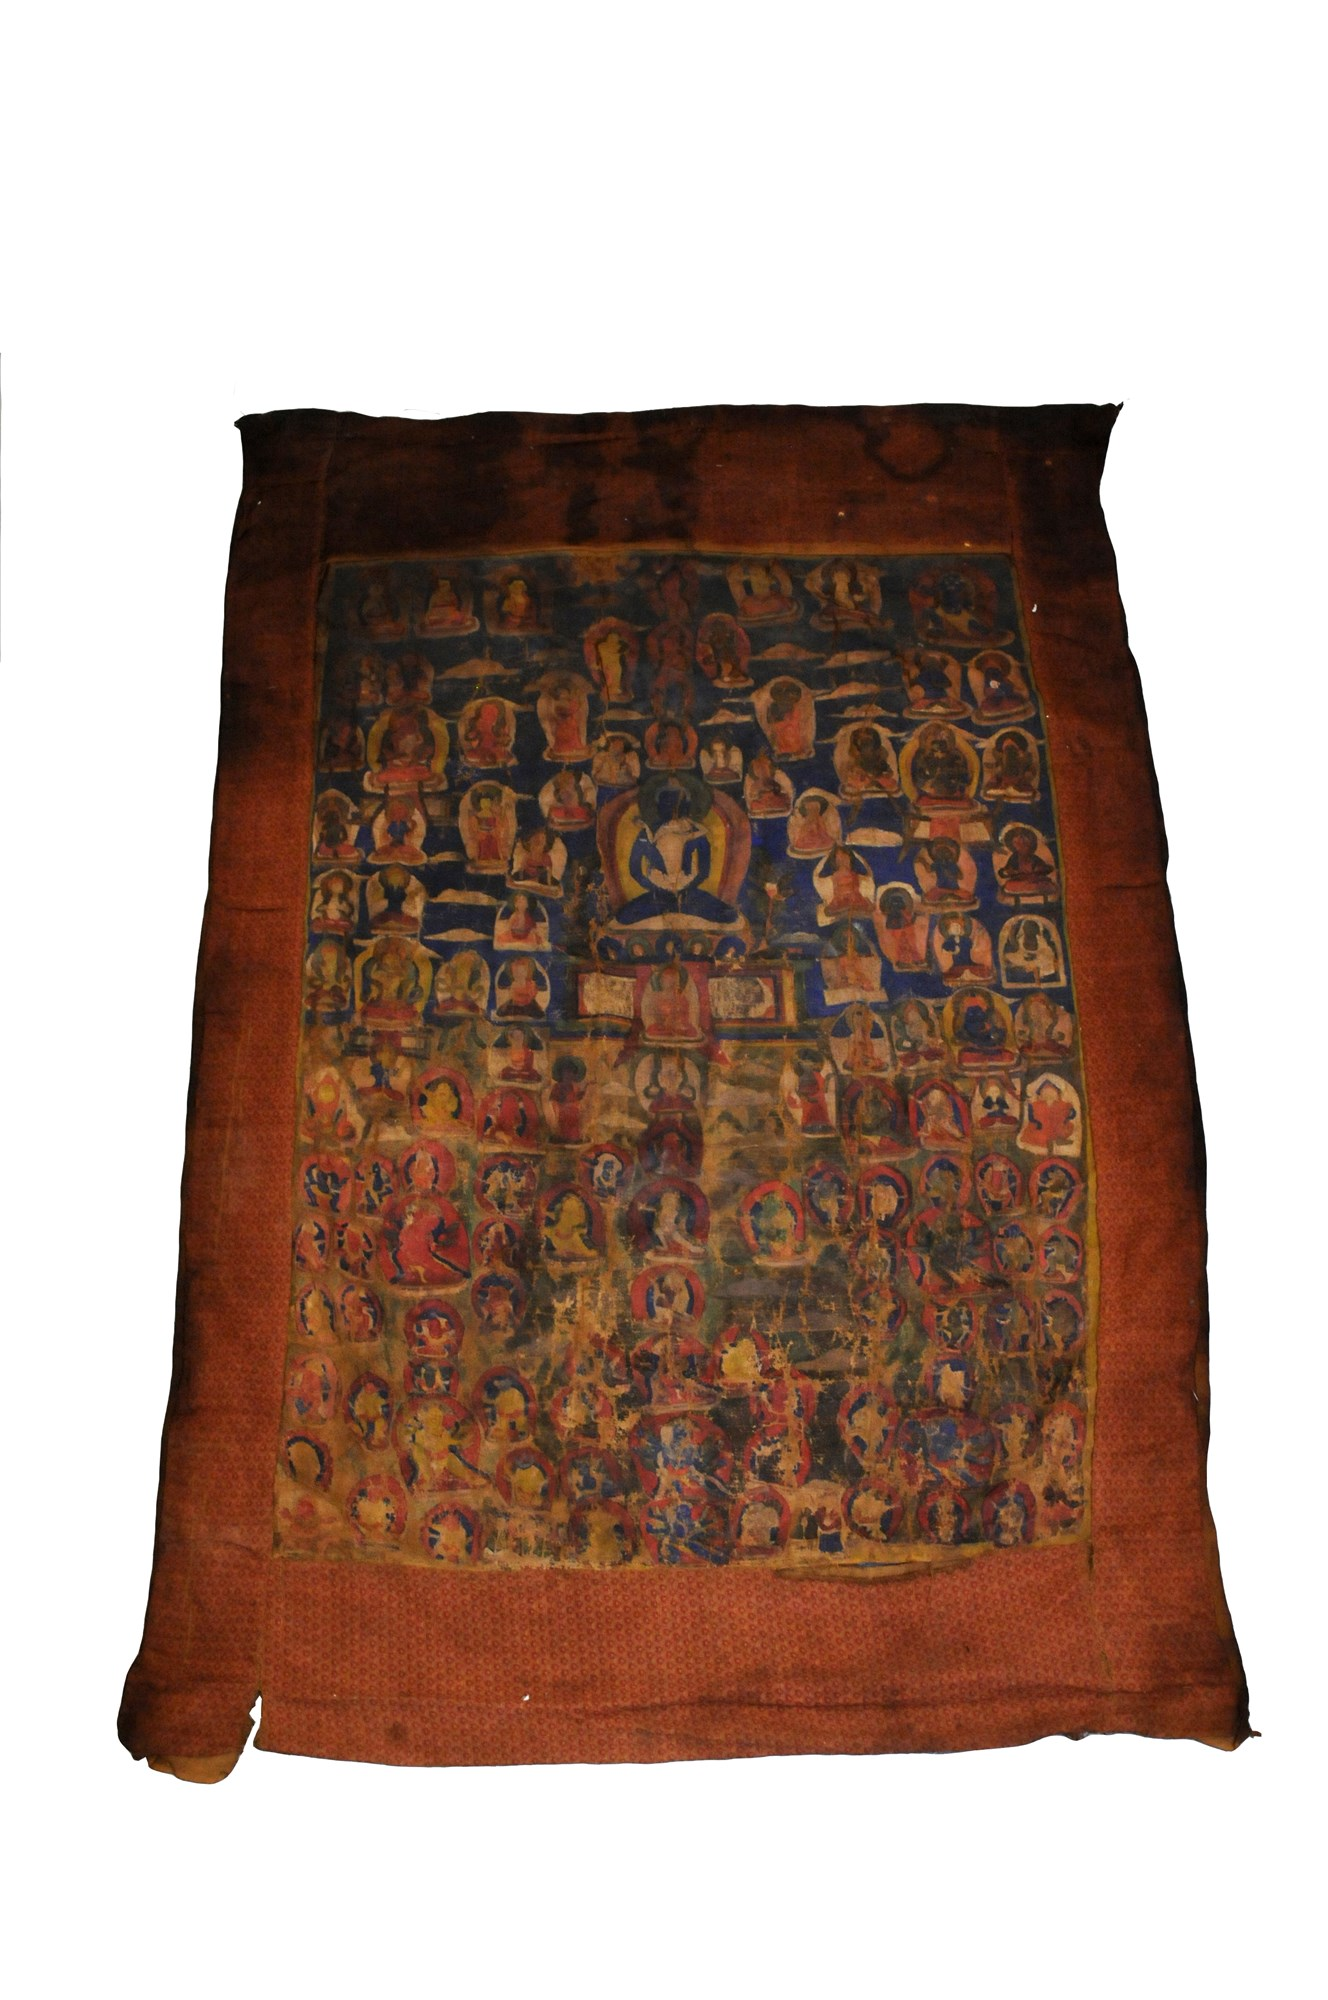 A thangka of Samantabhadra and Samantabhadri, Tibet